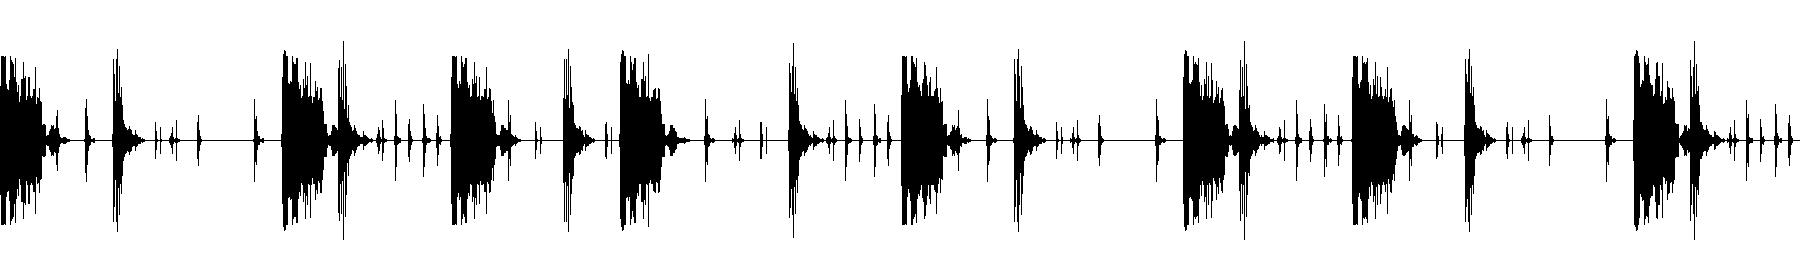 90 drumloop sp 11